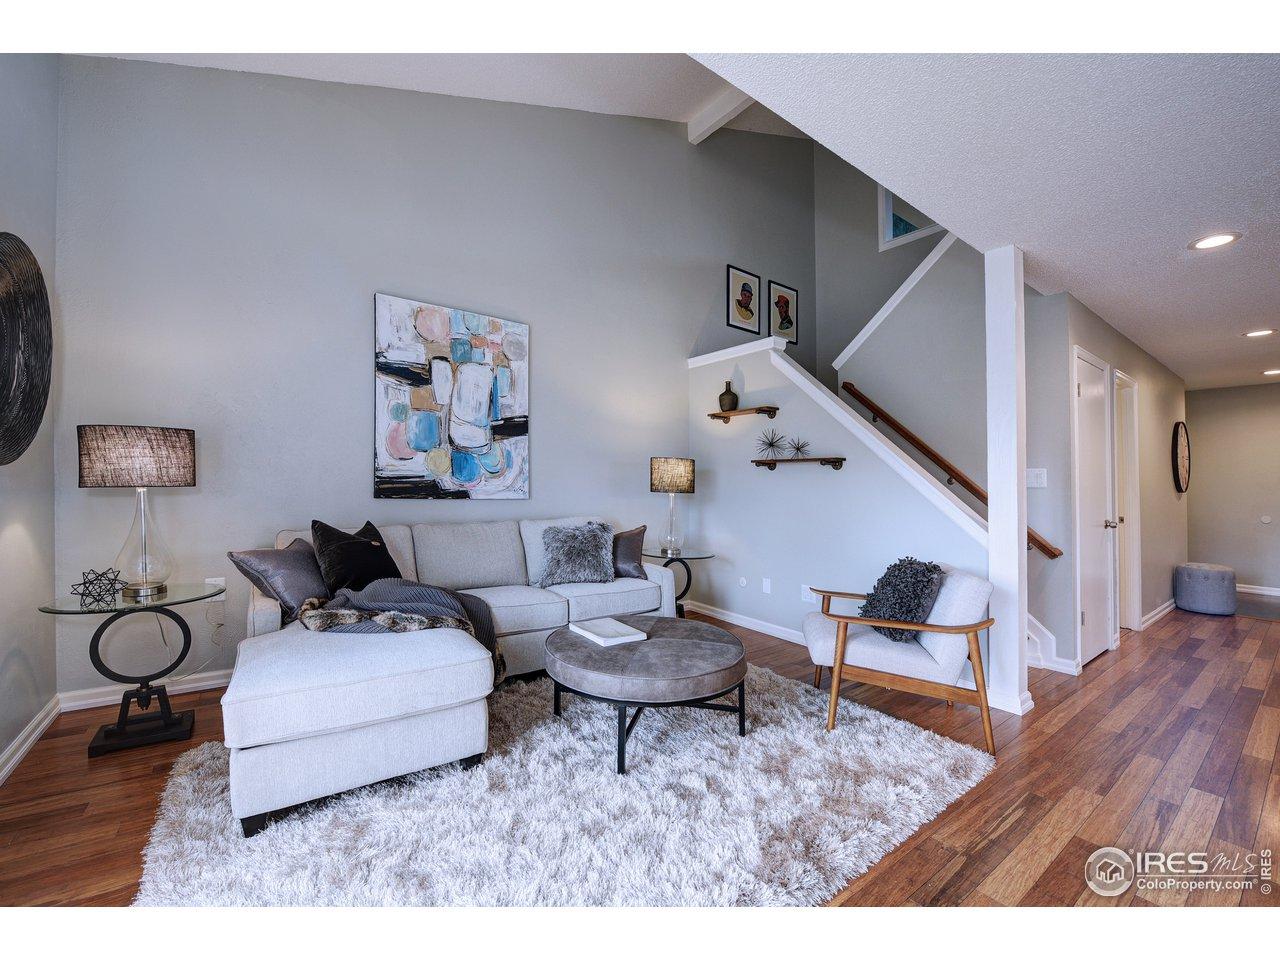 Vaulted ceilings in living room